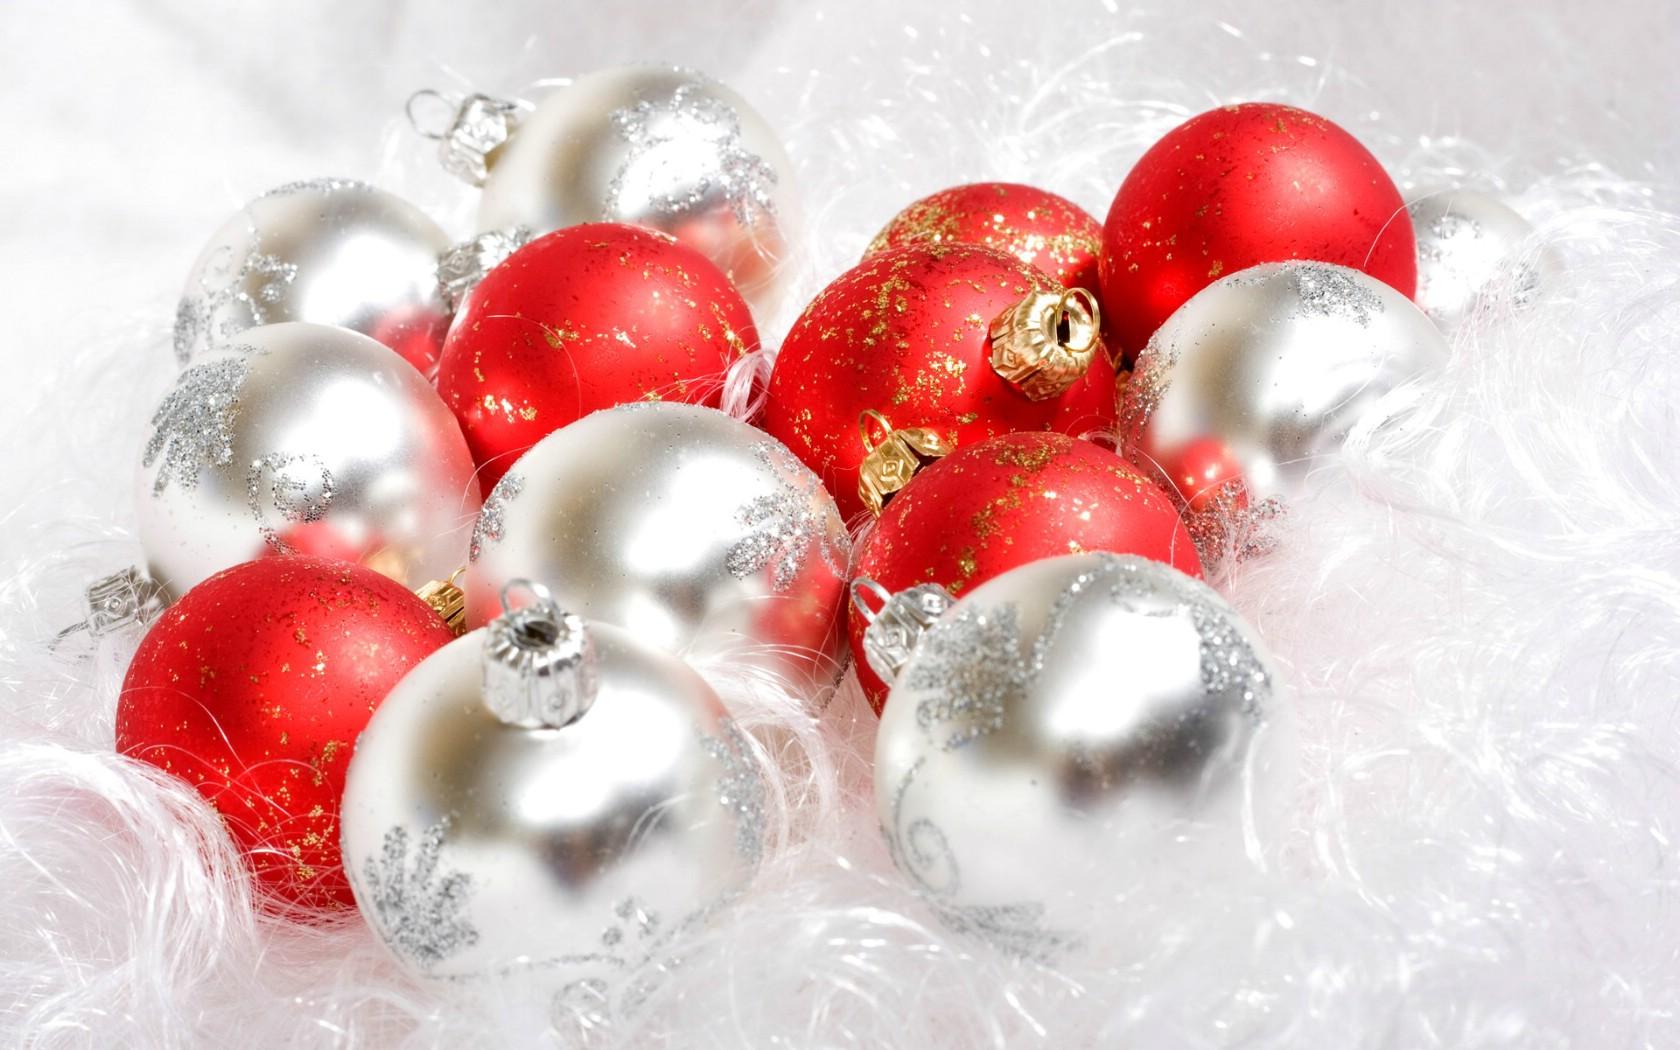 壁纸1680×1050圣诞节彩球挂件图片素材 1920 1600壁纸 五彩圣诞节彩球壁纸壁纸图片节日壁纸节日图片素材桌面壁纸